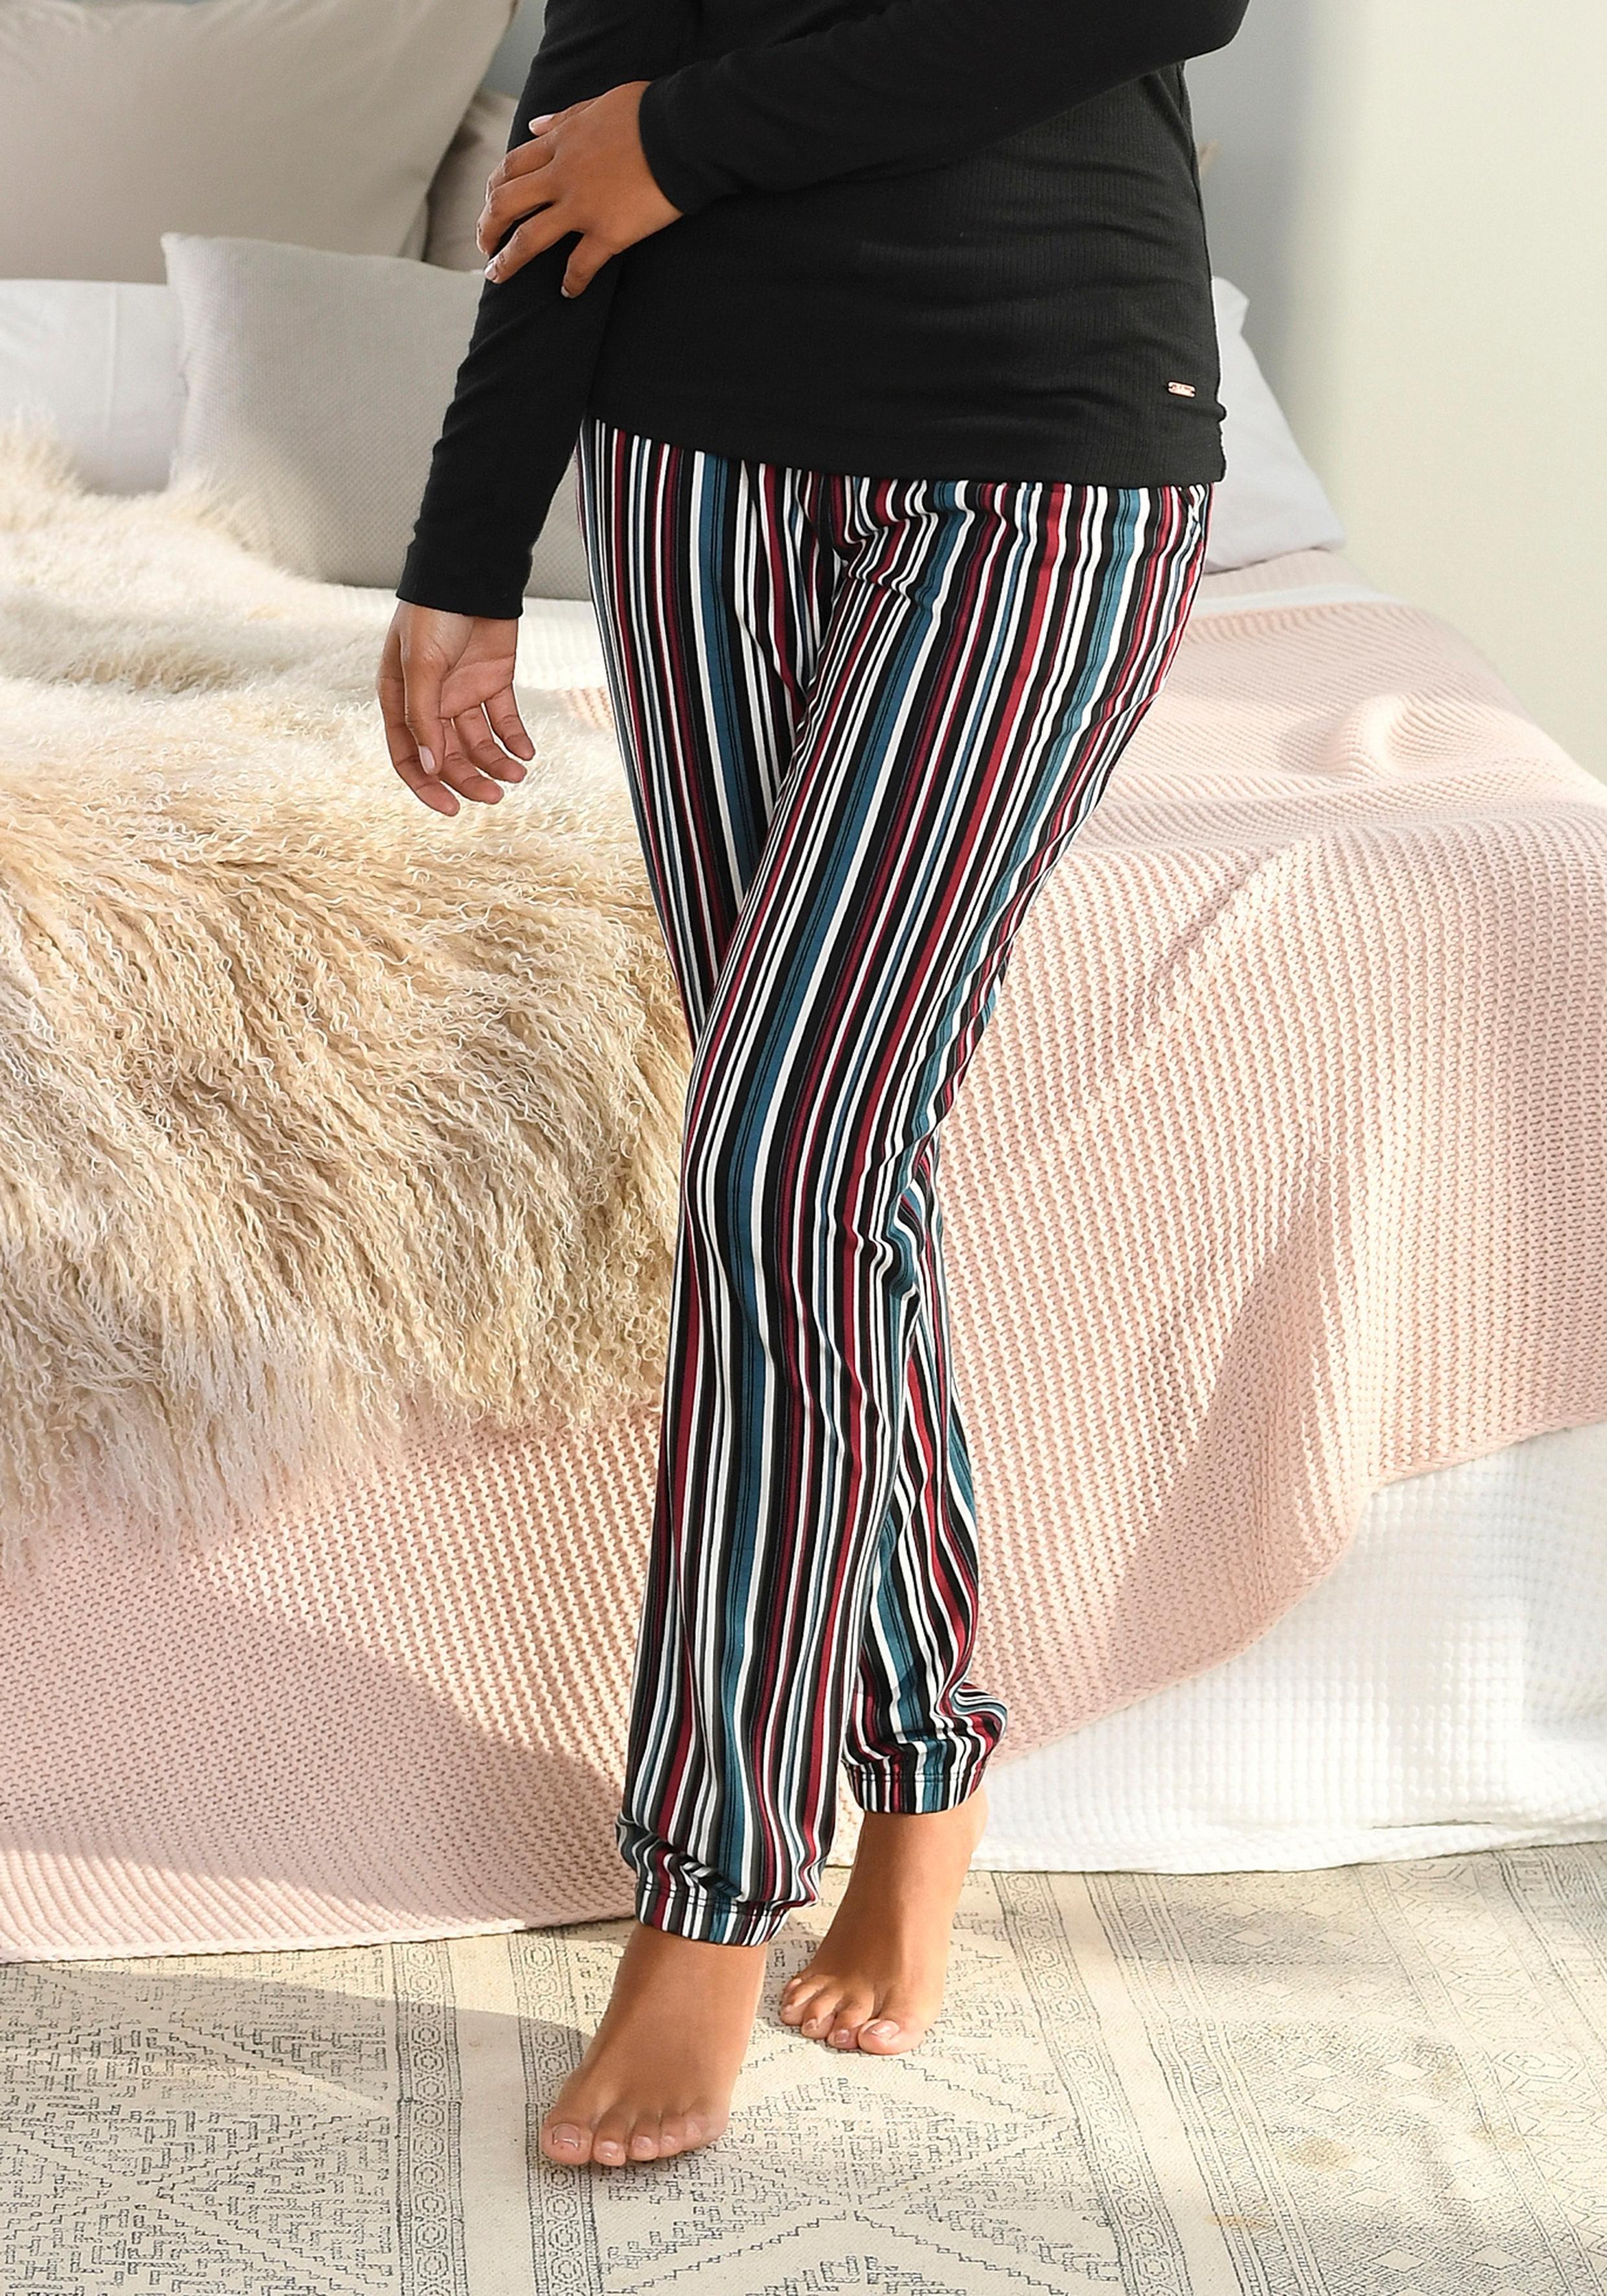 S.oliver Bodywear pyjamabroek nu online kopen bij Lascana